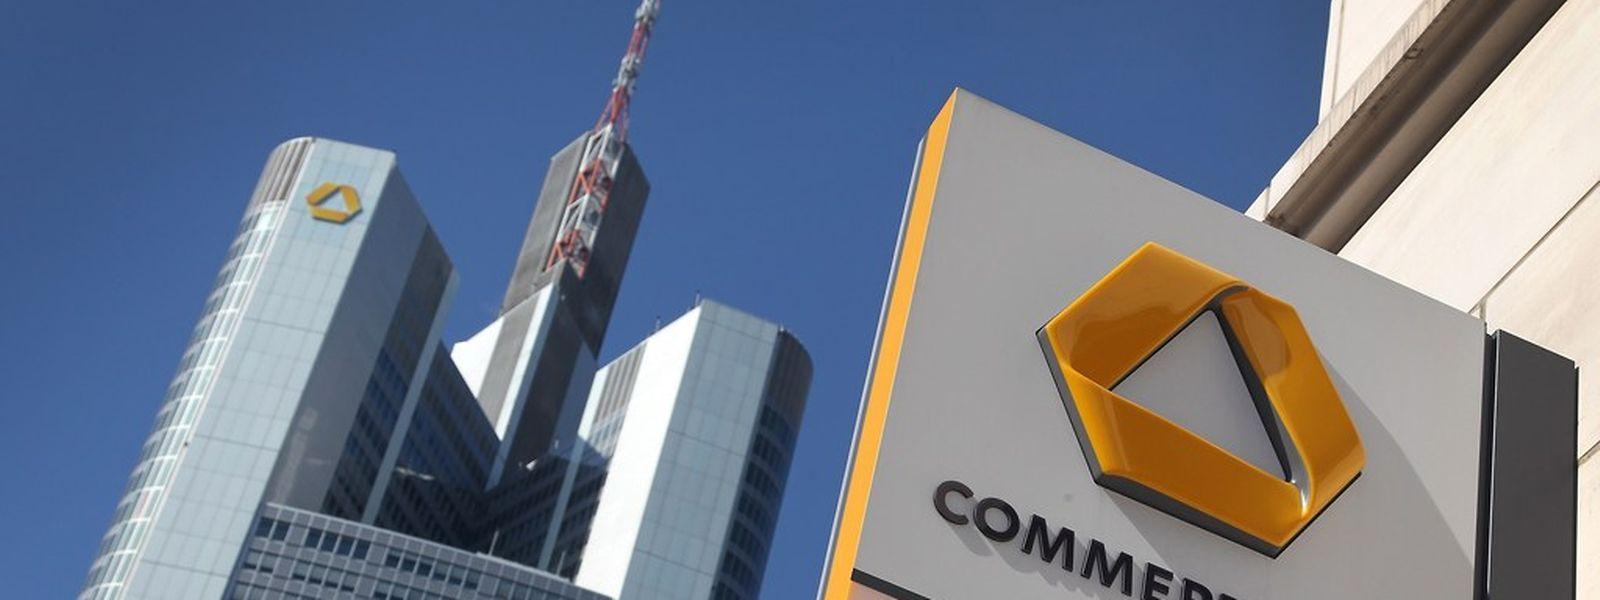 Großrazzia bei der Commerzbank in Frankfurt (Foto aus dem Jahr 2011): Ziel der Fahnder sind Steuerhinterzieher und ihre mutmaßlichen Helfer.